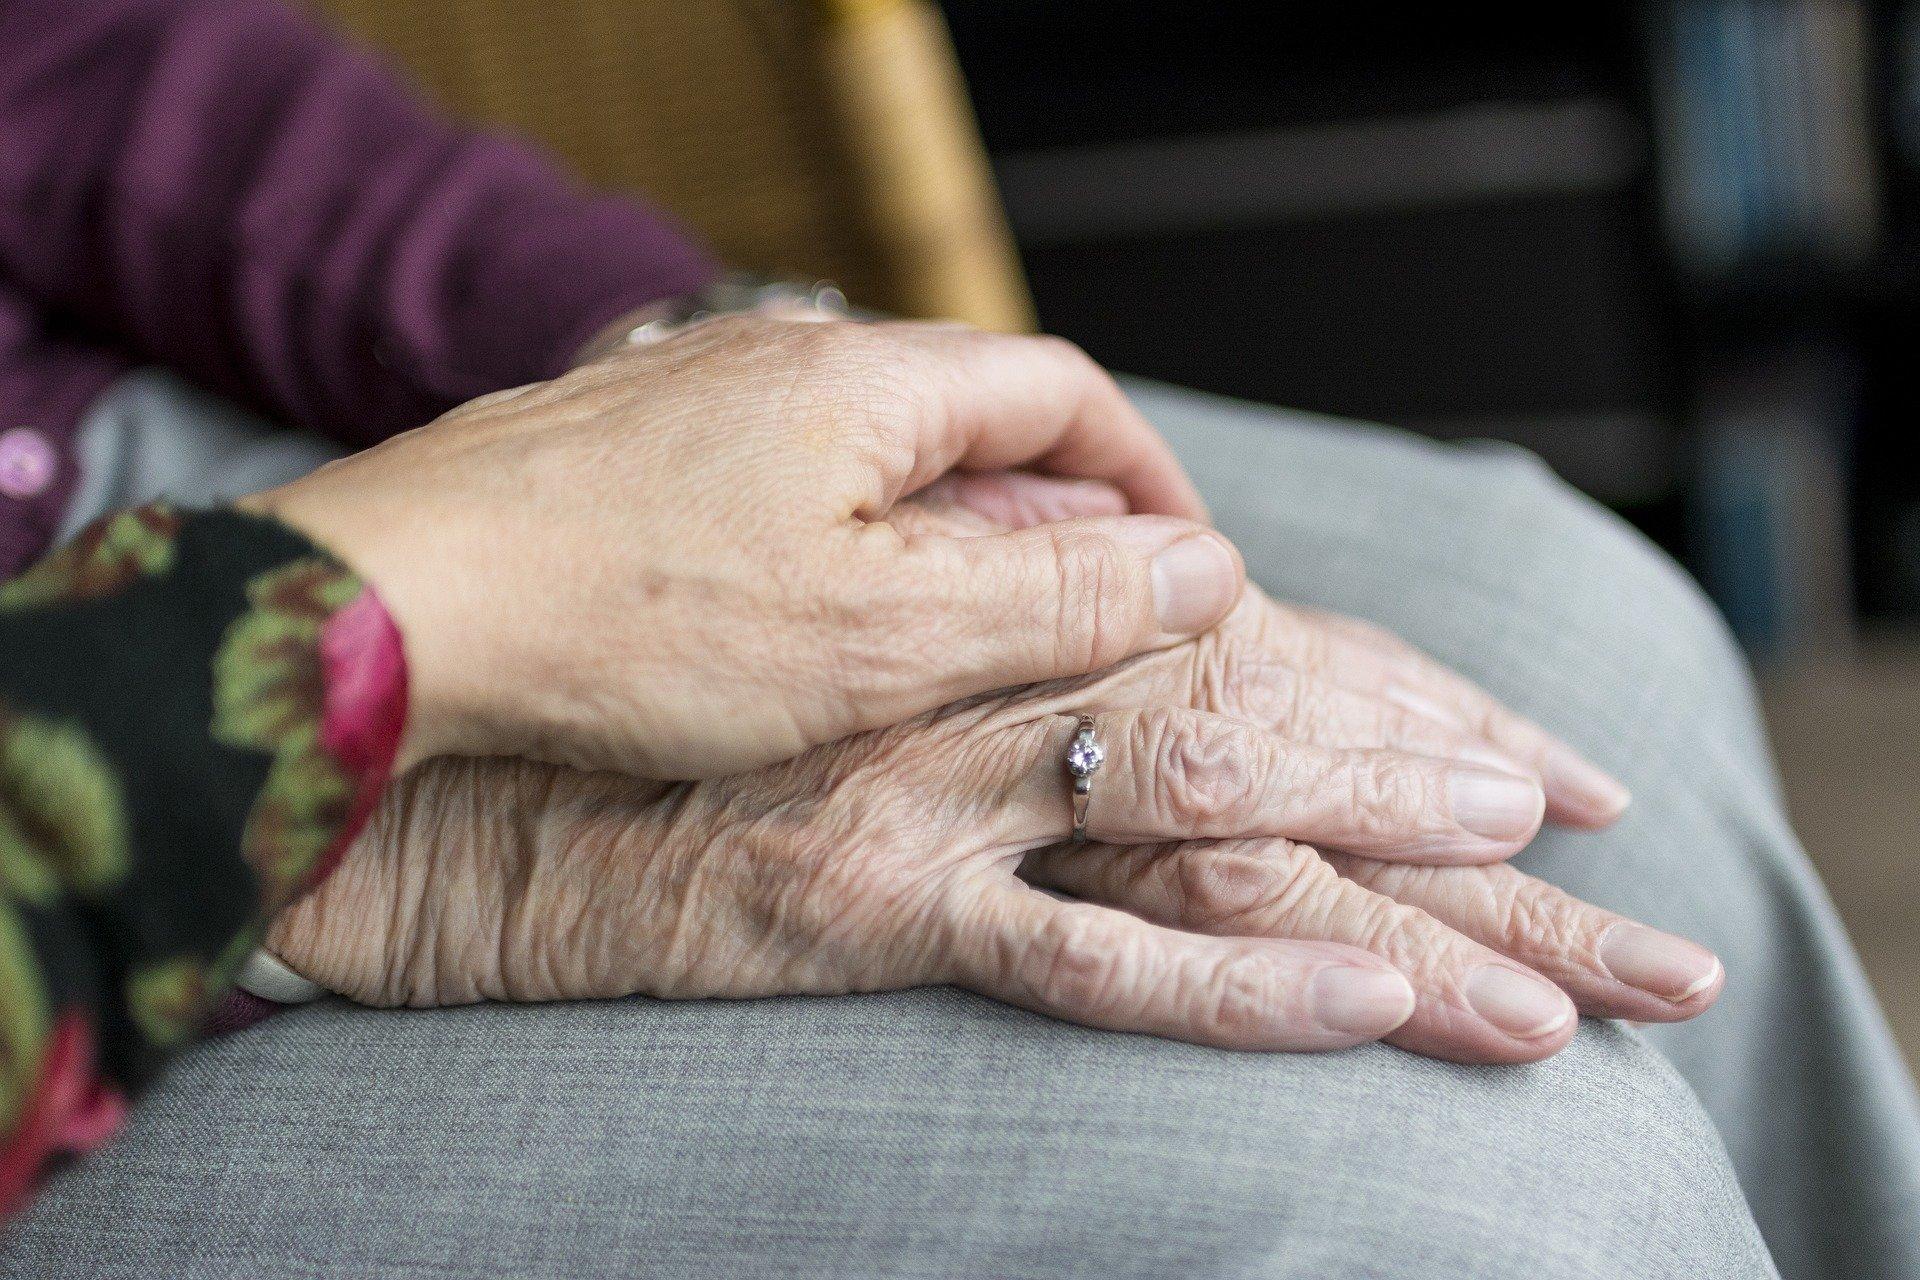 Confinement : quel impact dans les établissements pour personnes âgées et handicapées ?